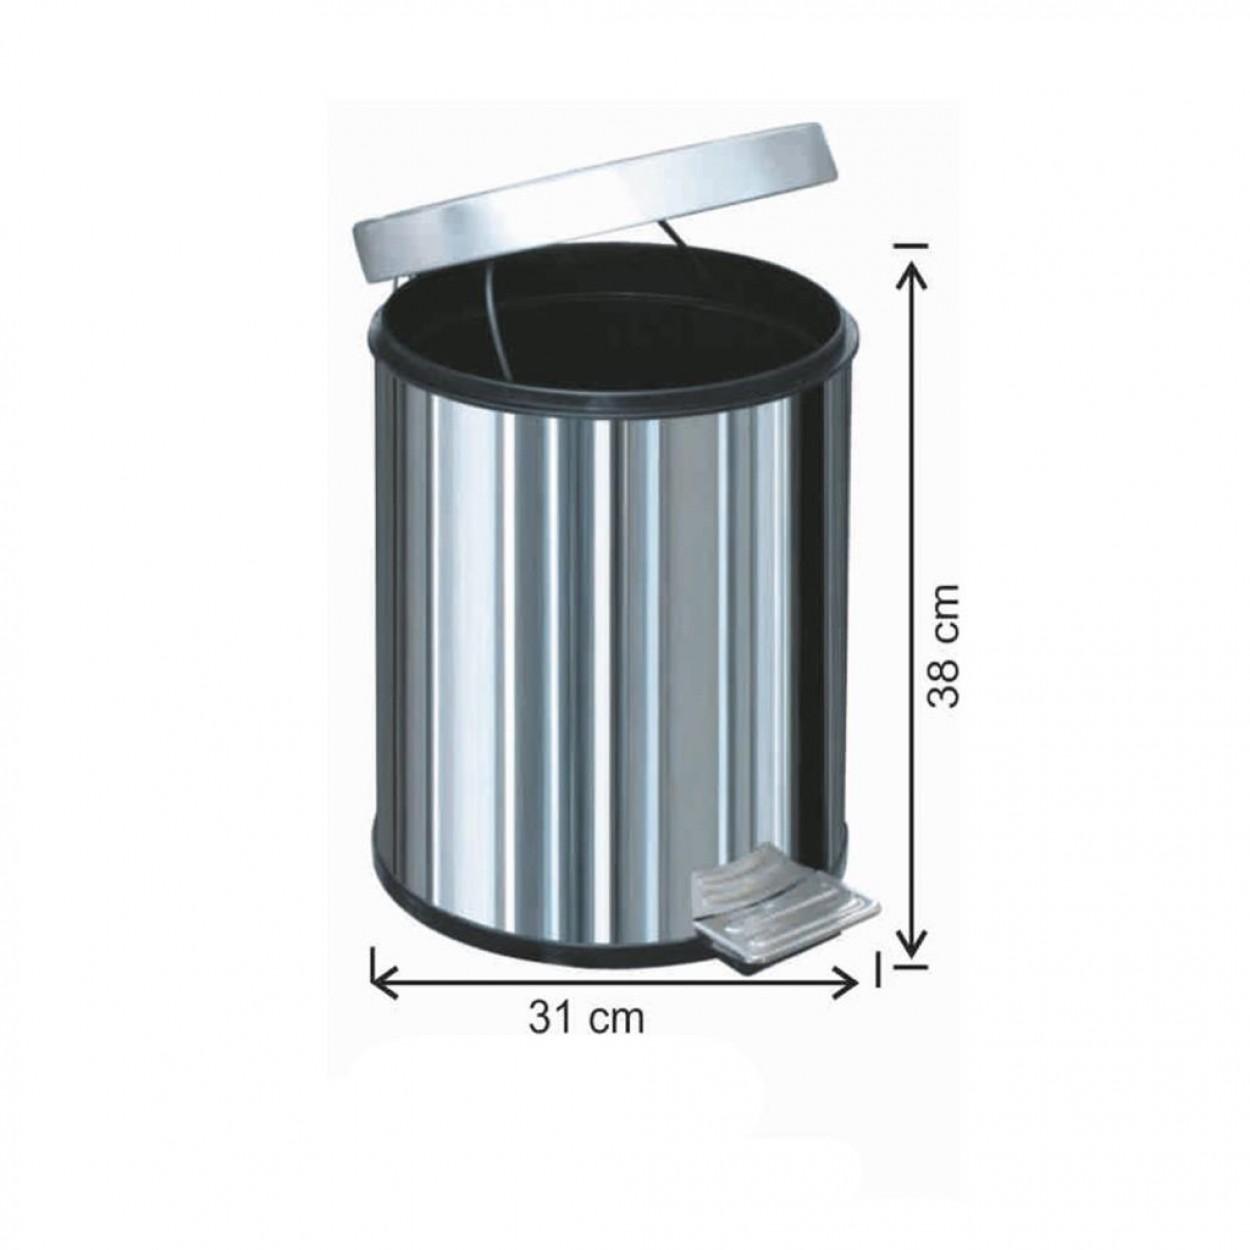 Pedallı Paslanmaz Çöp Kovası 20 Litre